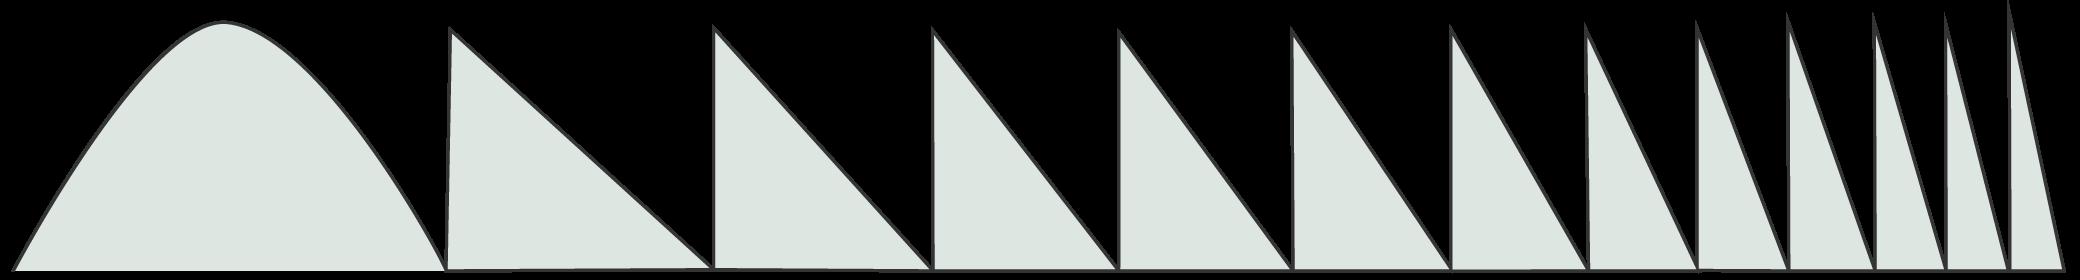 Profil multifokálnej šošovky 1. generácie